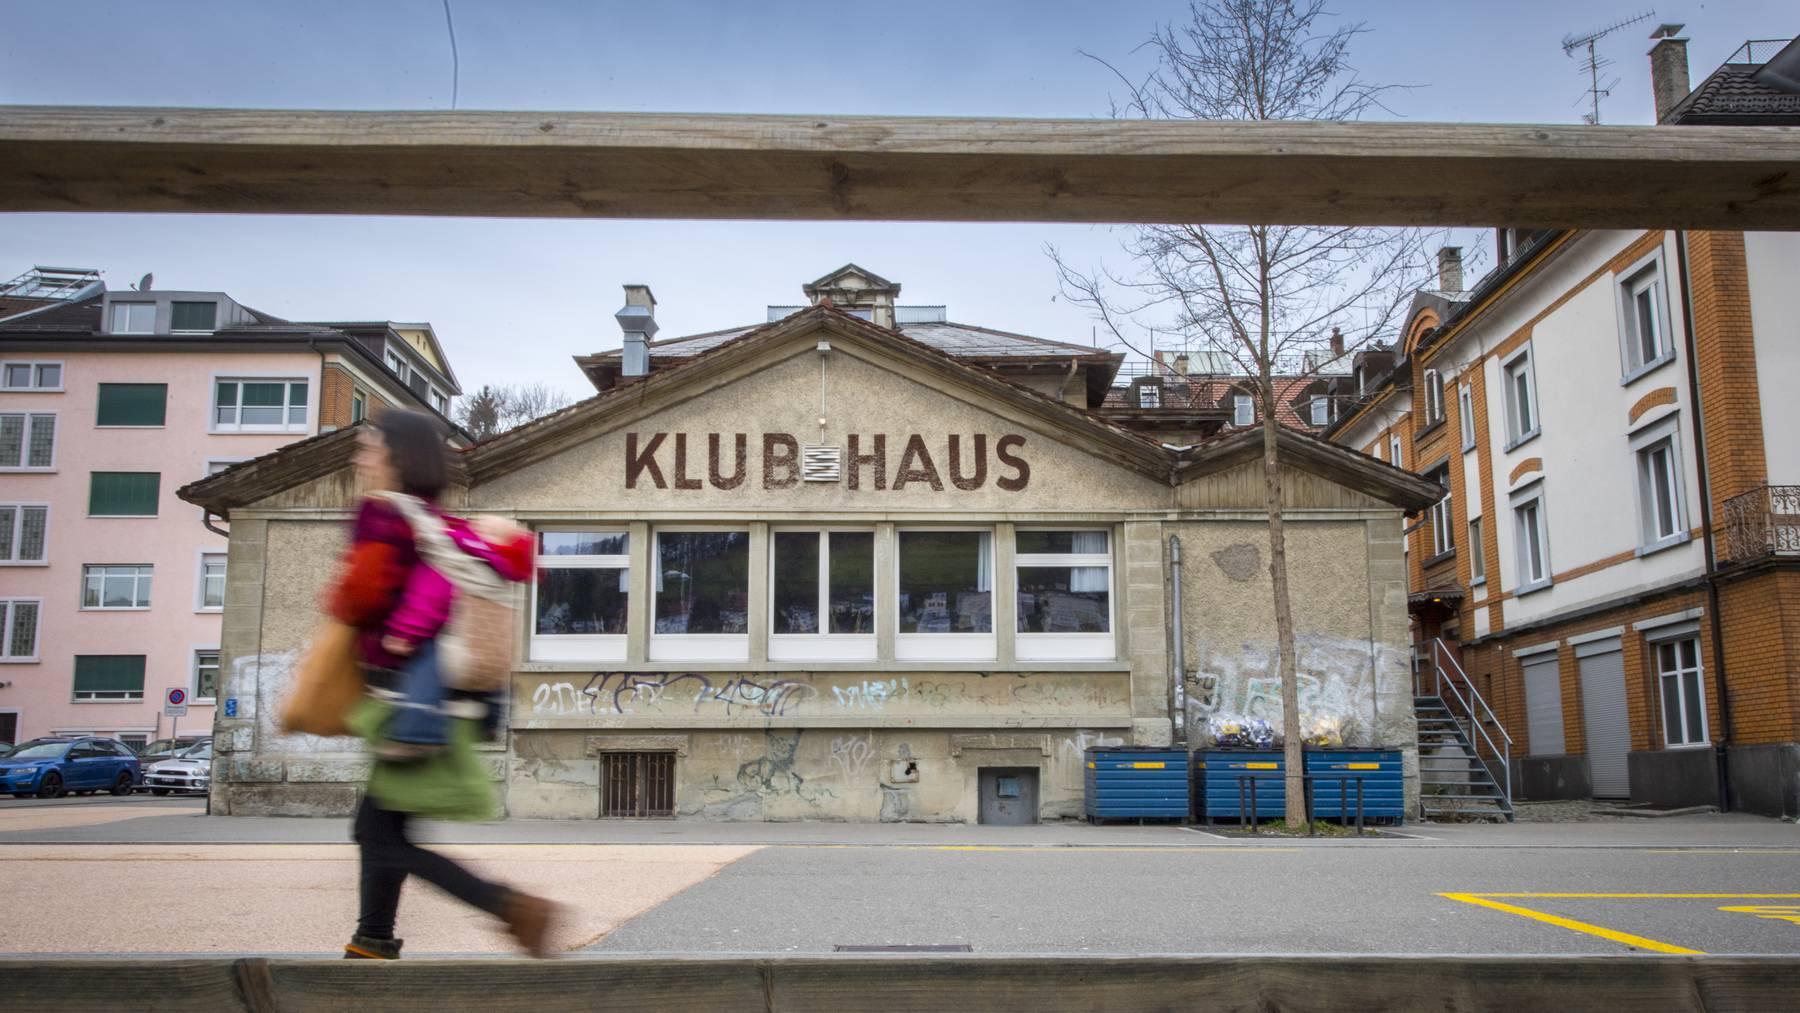 Klubhaus St Gallen